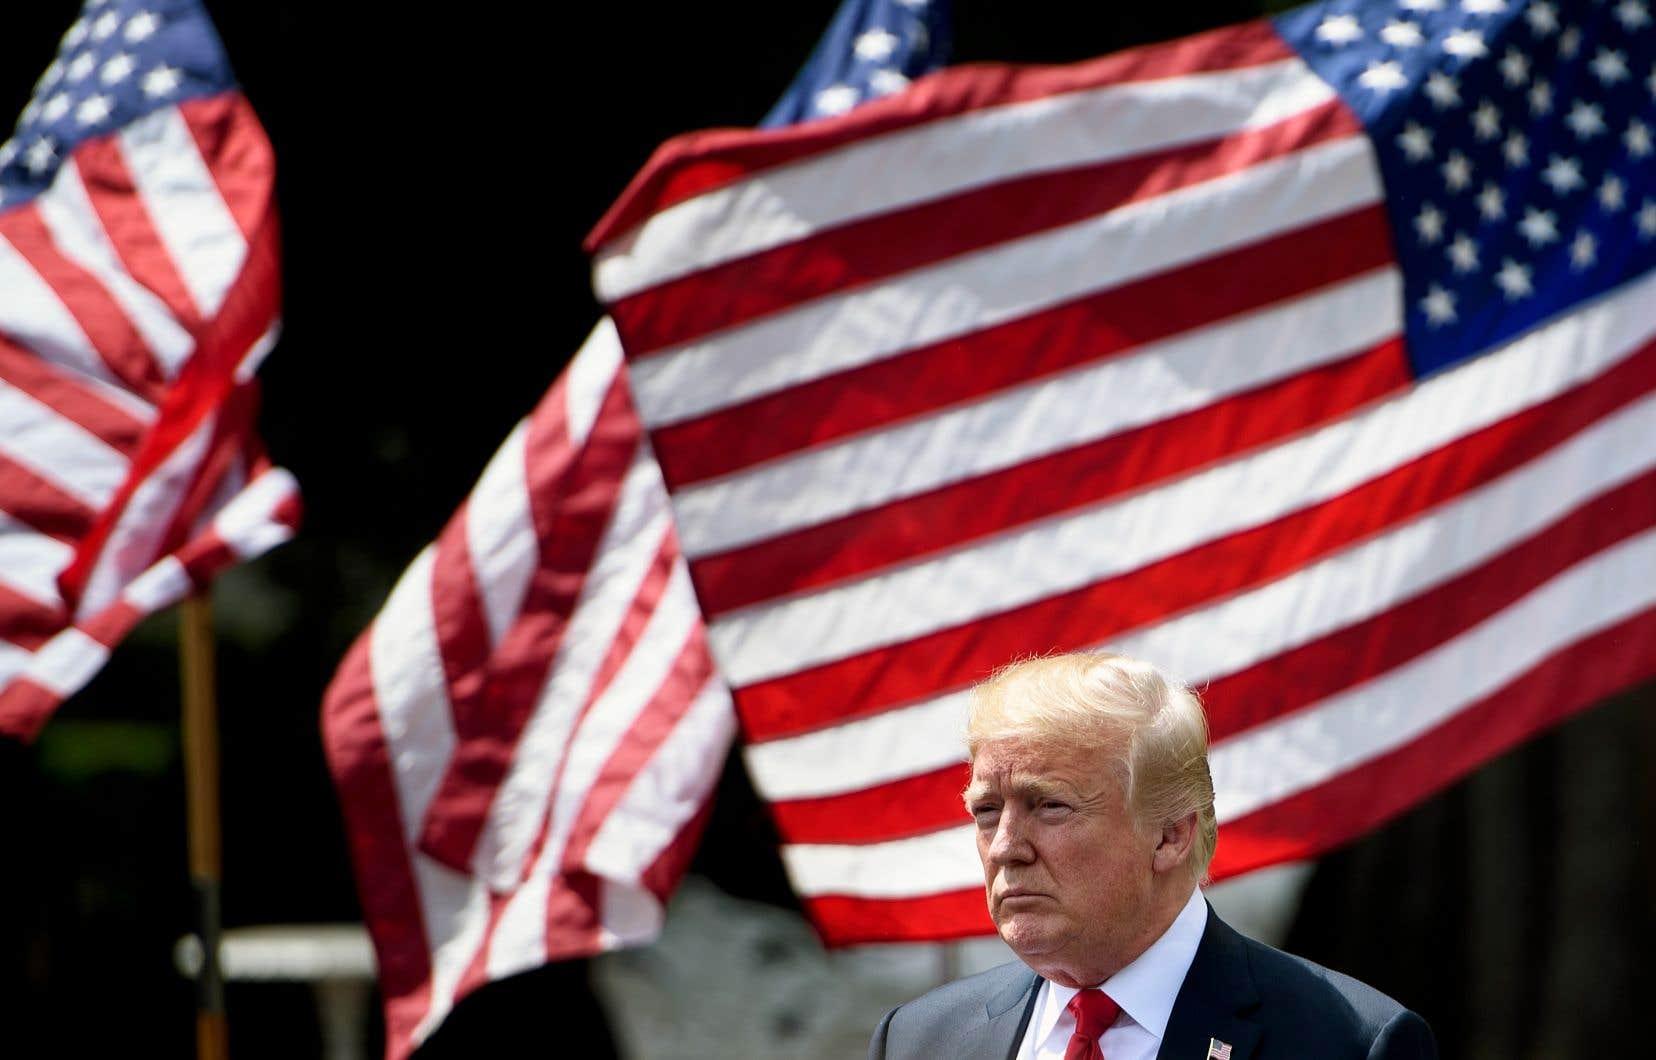 «Le commerce entre nos nations est très inéquitable, depuis très longtemps», a fait valoir Donald Trump.